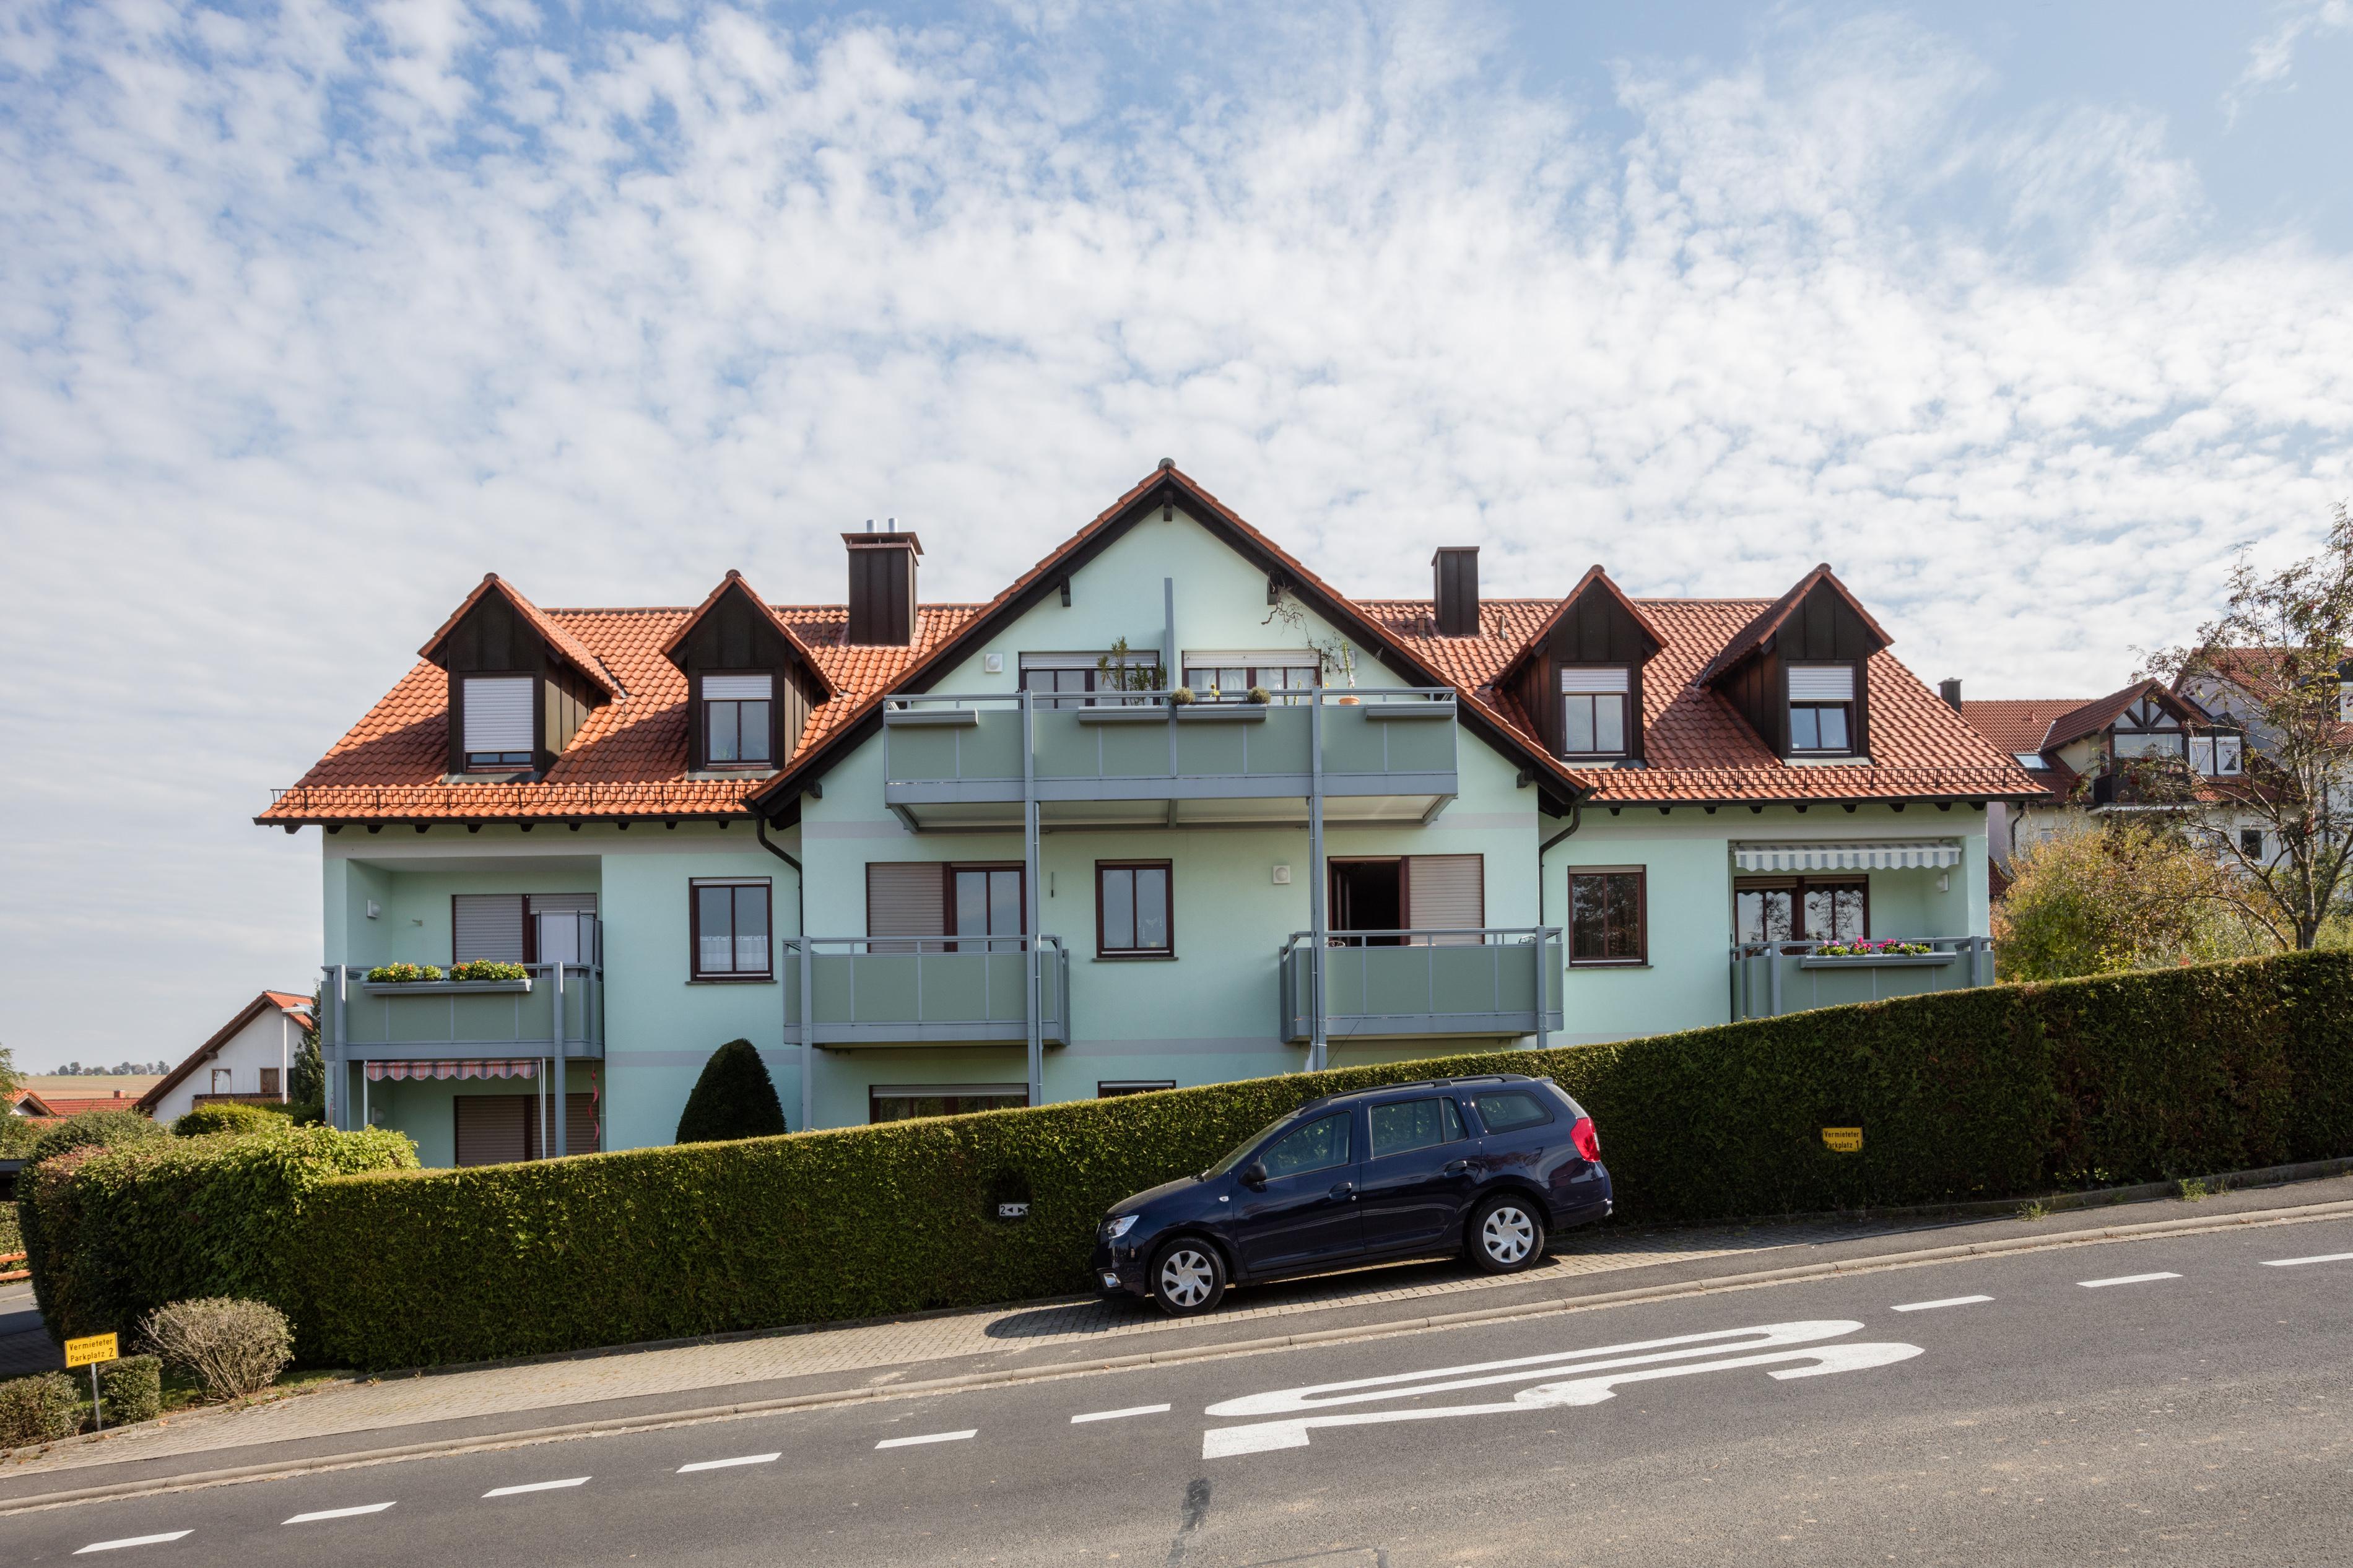 bew_würzburg-18